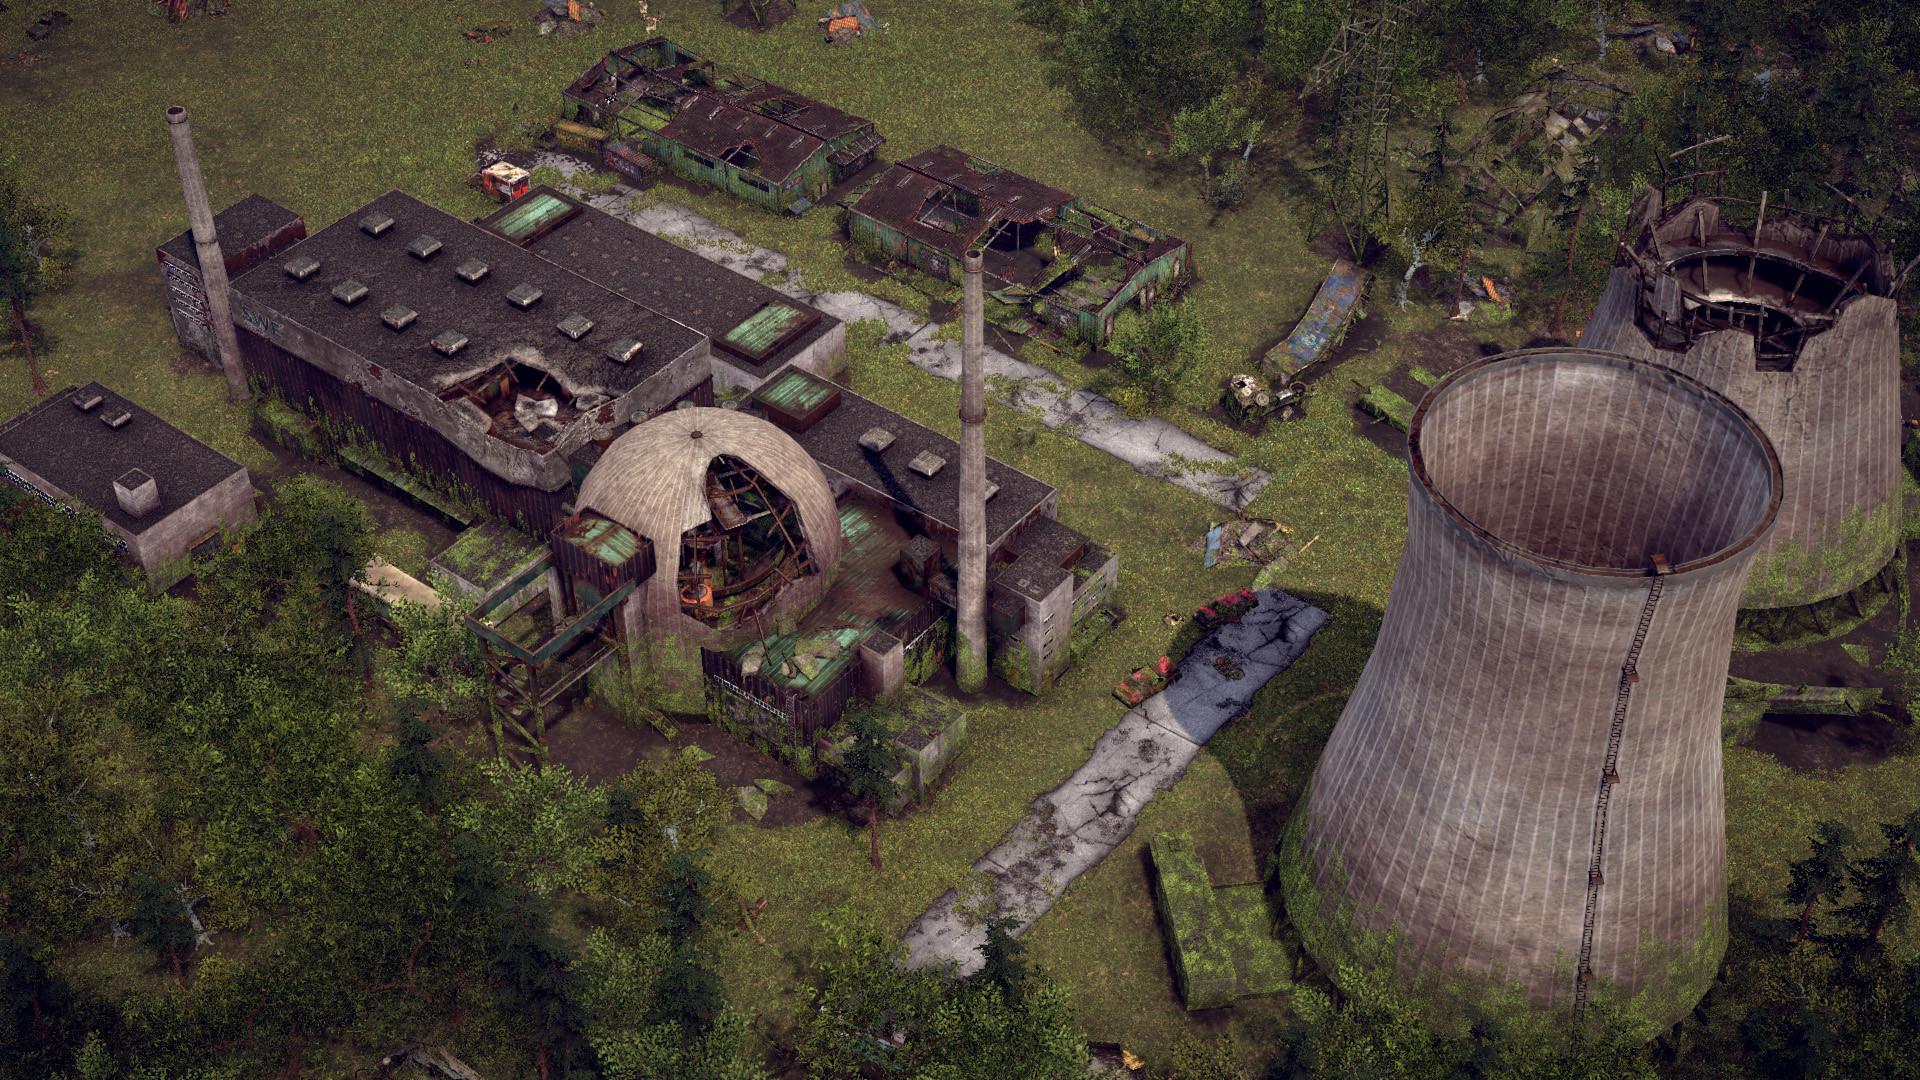 模拟建设游戏《末日地带:与世隔绝》在Steam正式发售